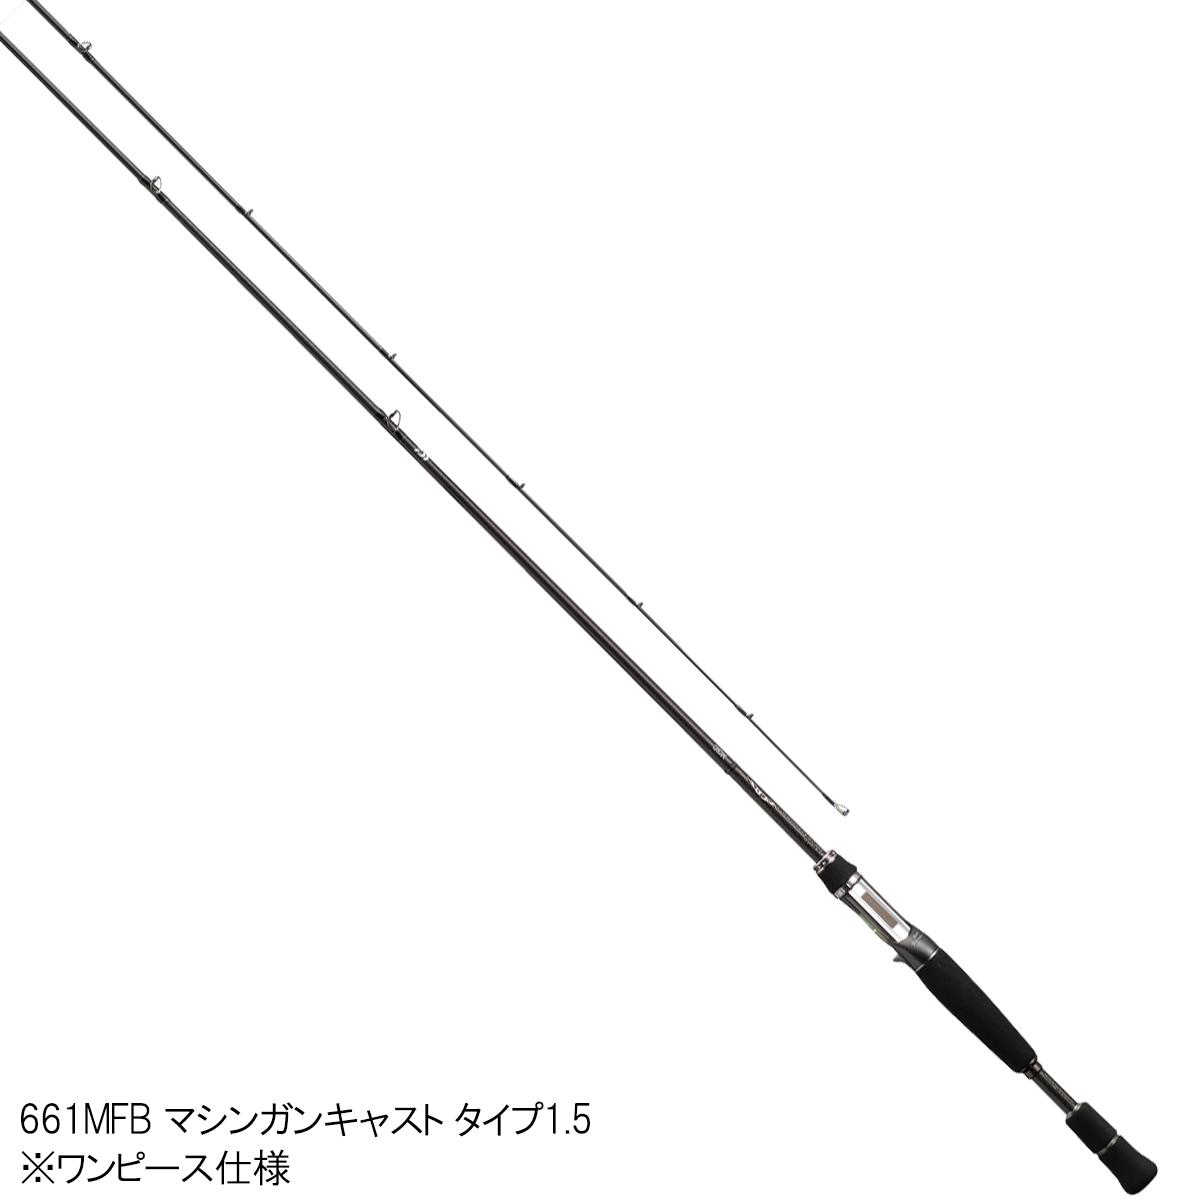 大和(Daiwa)住宿减弱角色型号661MFB机关枪演员表型1.5